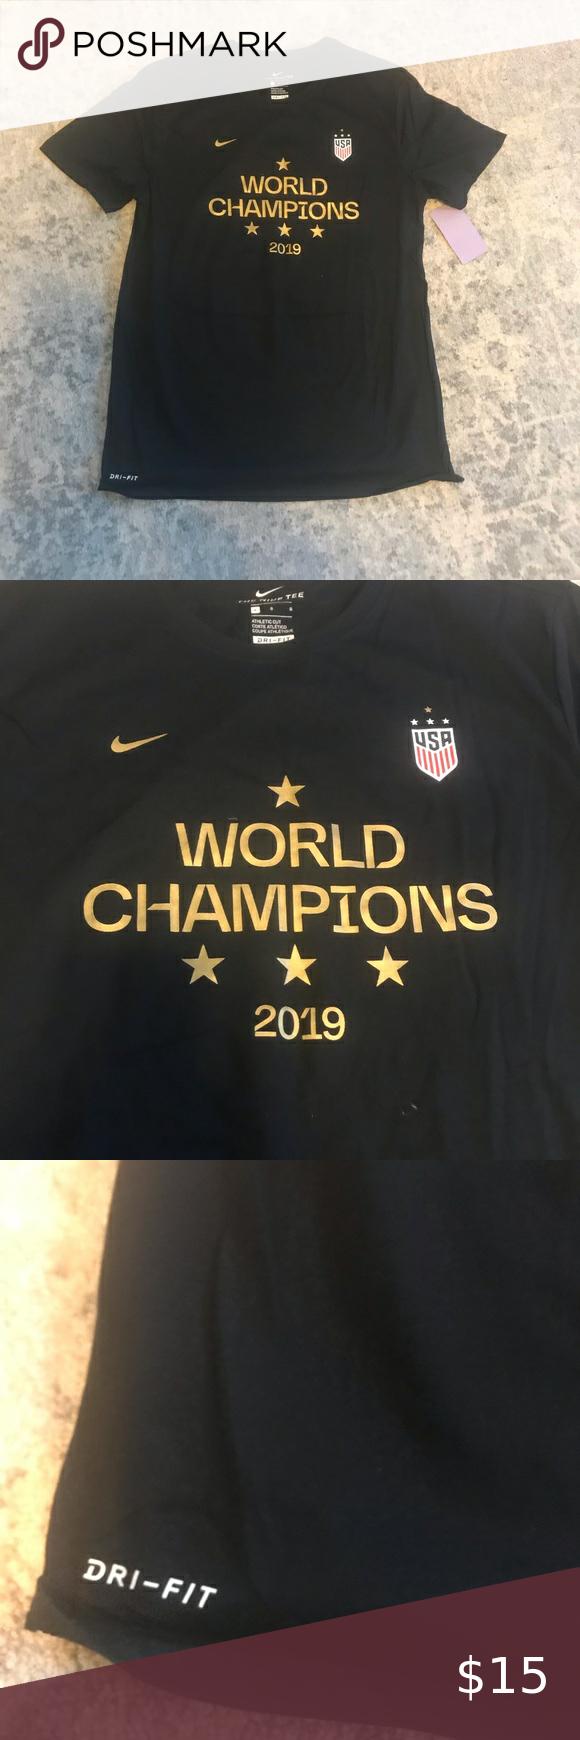 Uswnt World Champions 4 Star T Shirt Large White Pants Women Nike Long Sleeve Workout Shirts [ 1740 x 580 Pixel ]